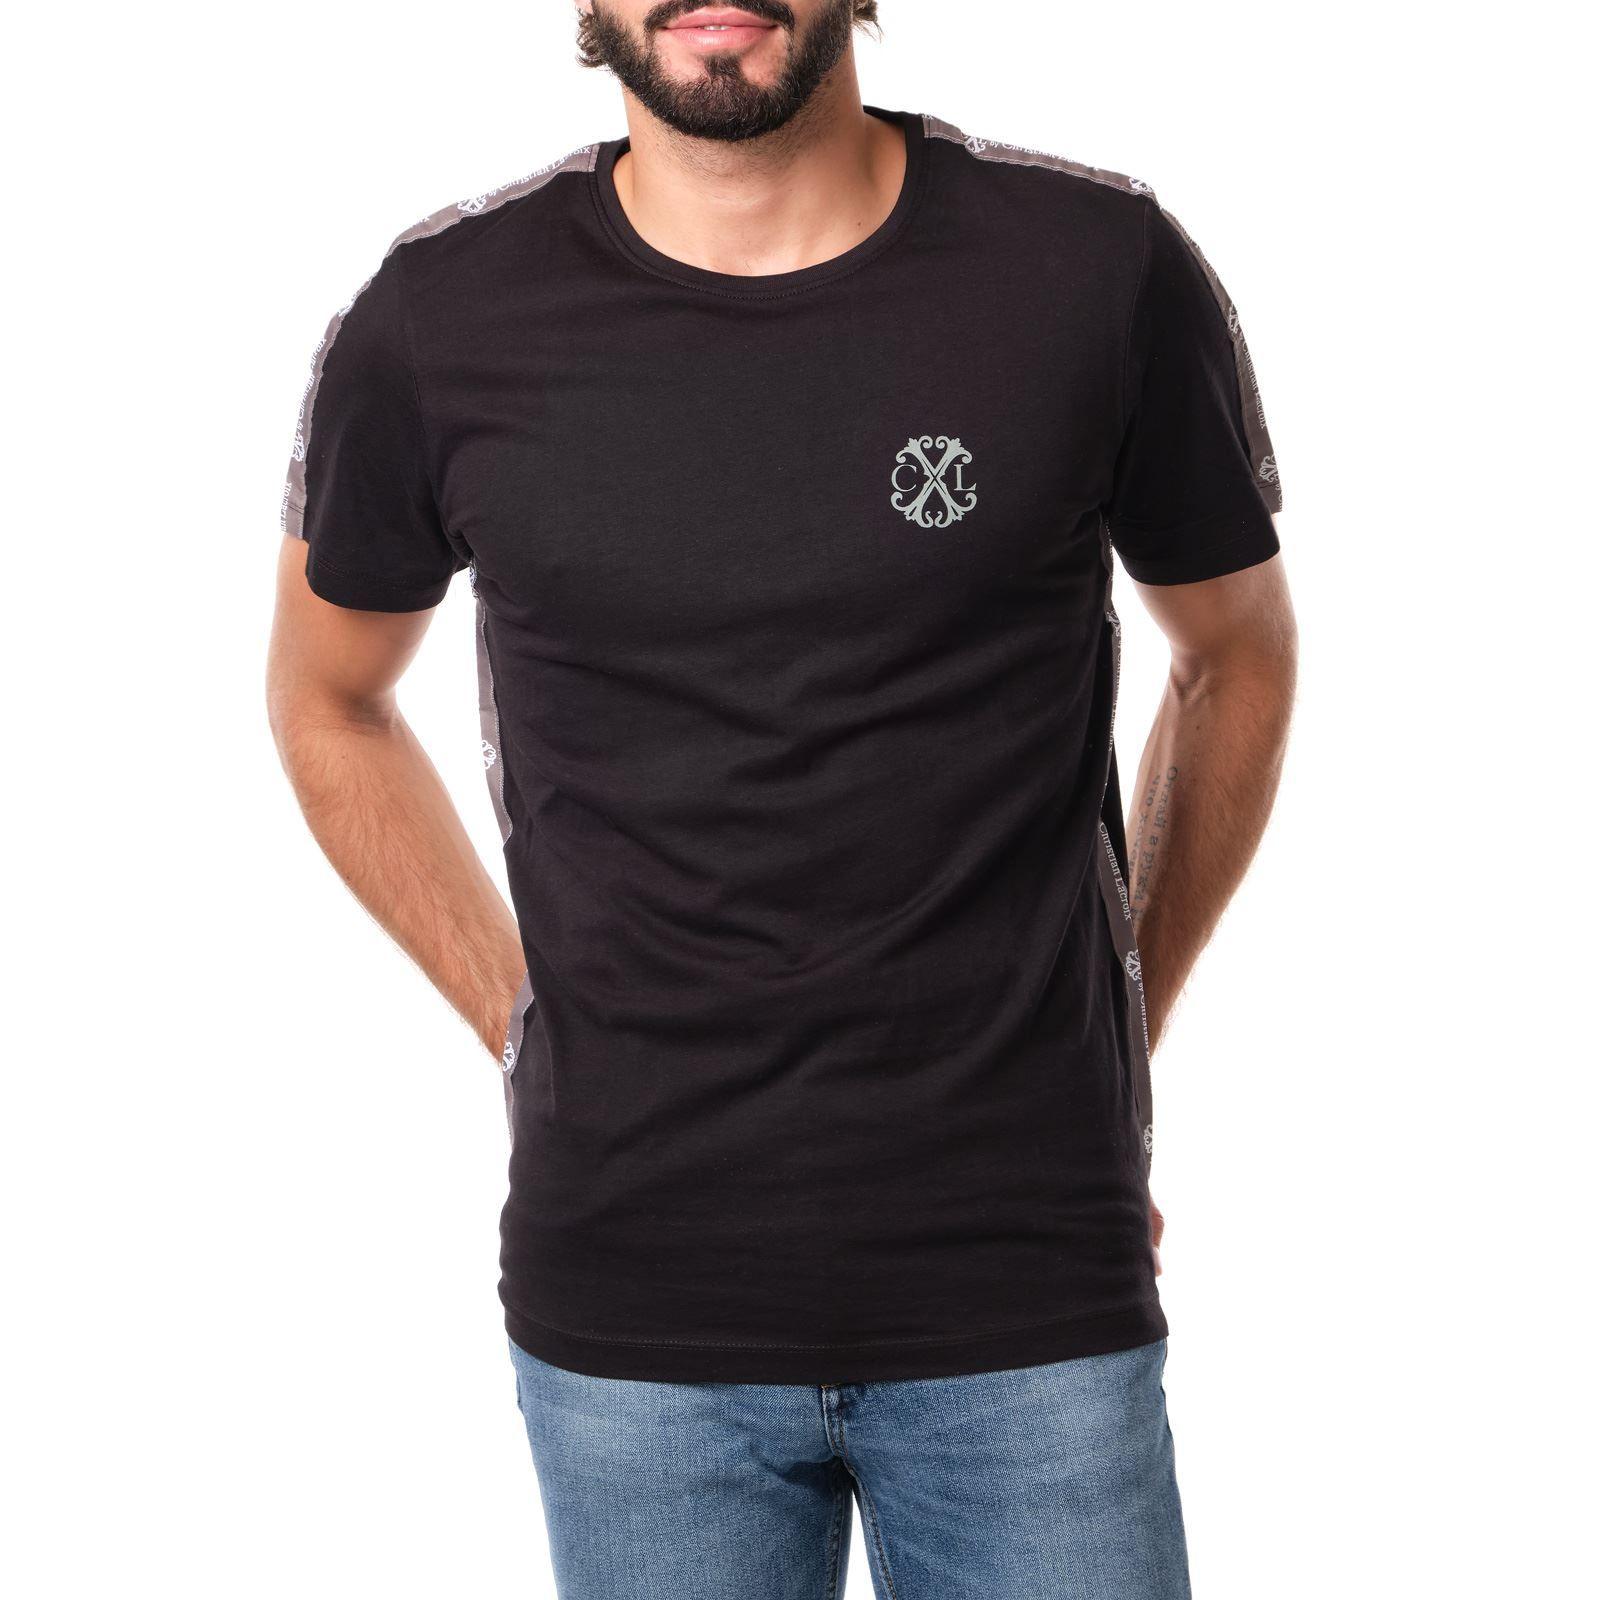 T-shirt manches courtes Homme CXL by Christian Lacroix Singapour - noir